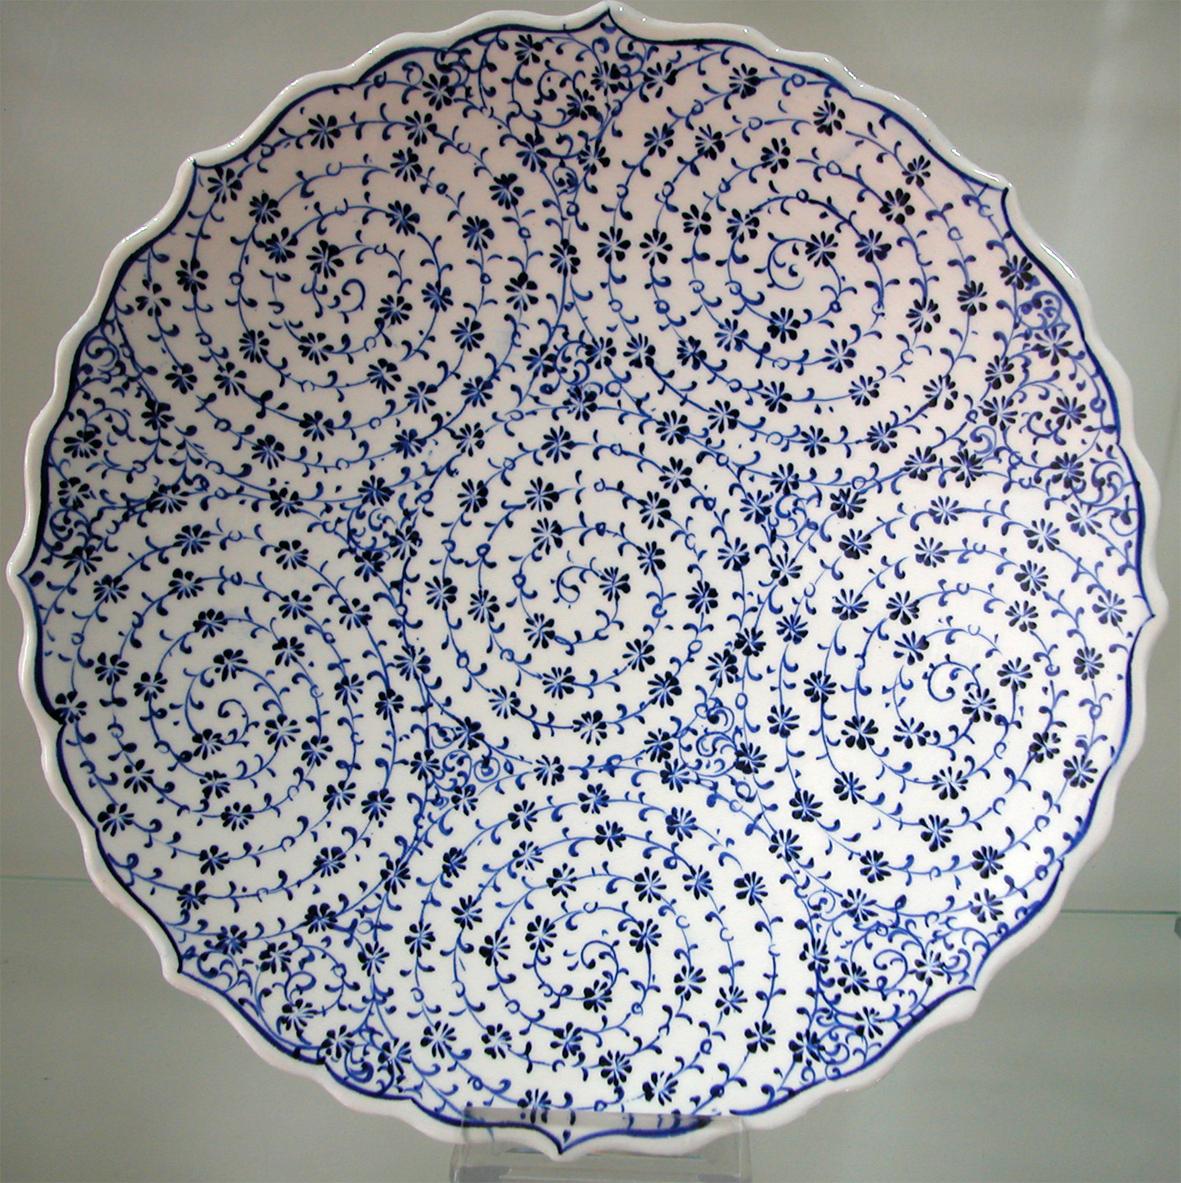 klasik haliç işi Osmanlı tabakları hediyelik kadife kutu içinde sunulmaktadır